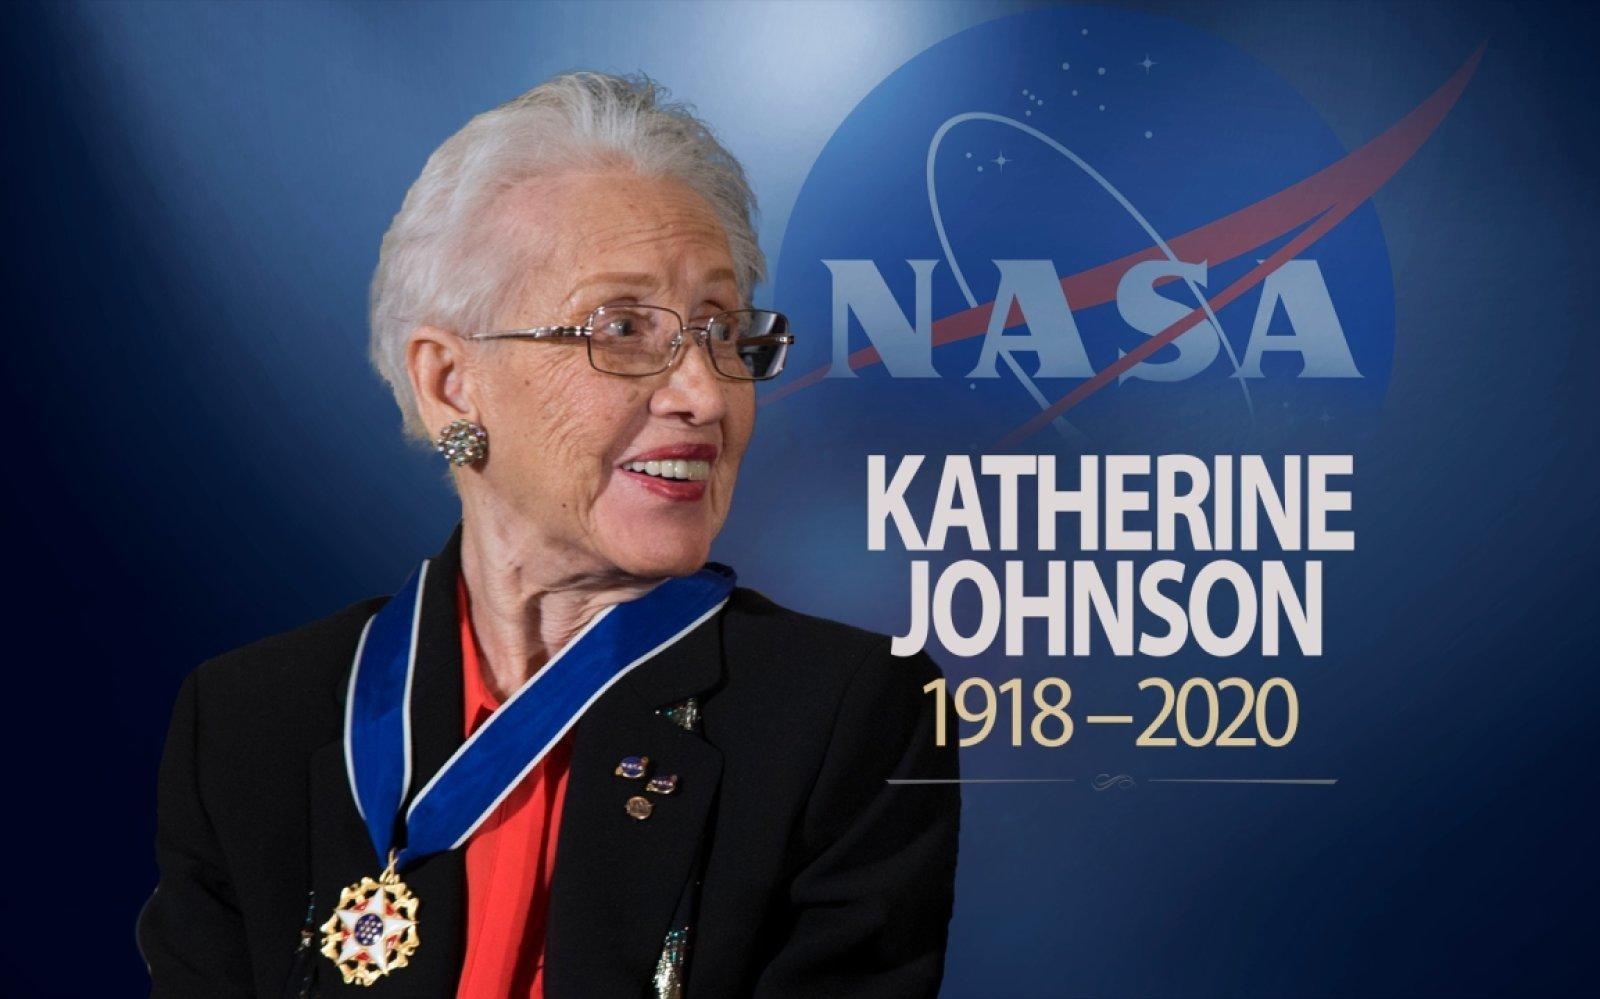 L'ultimo incontro con Katherine Johnson - BFCspace